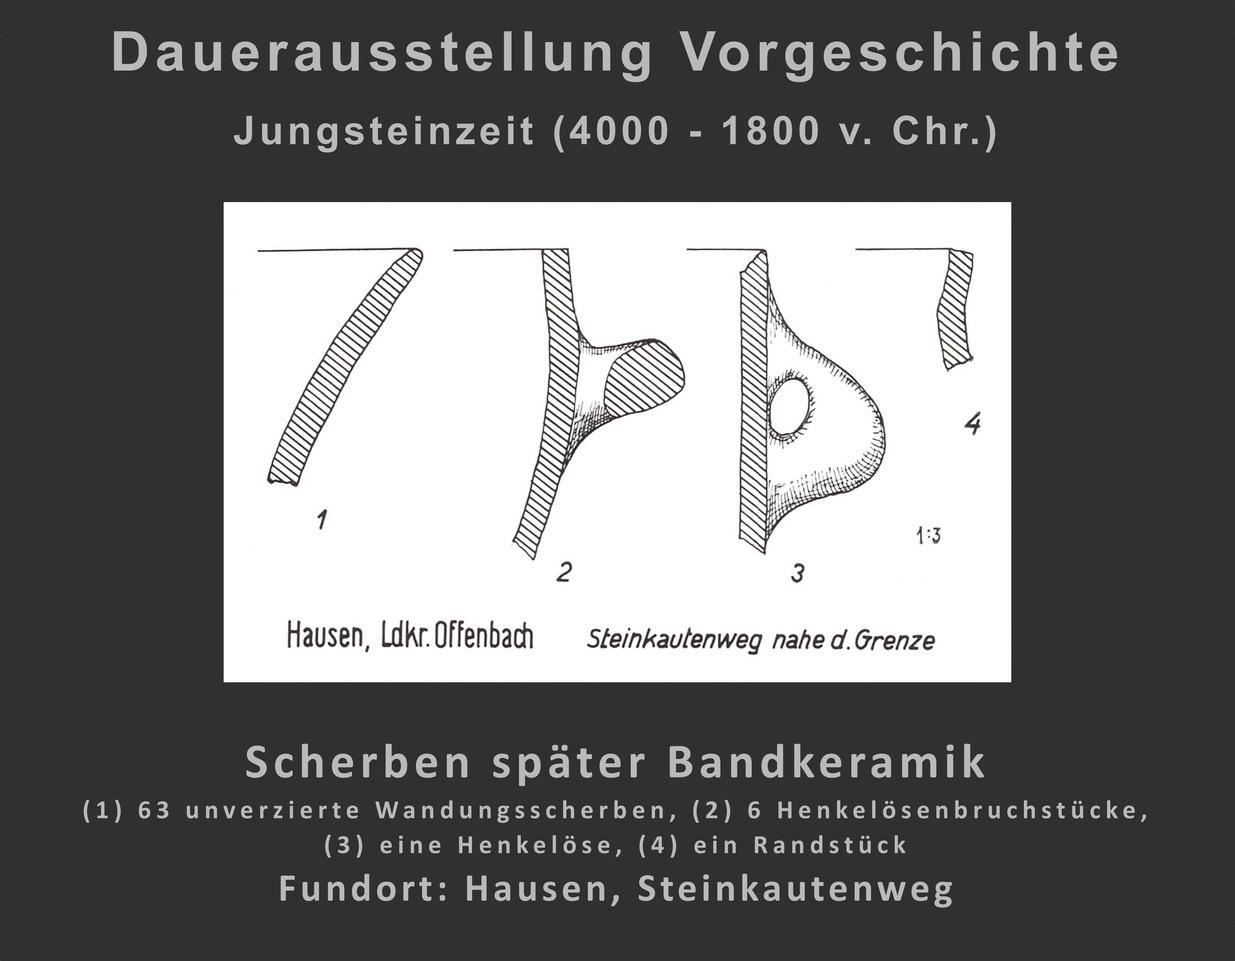 (2) der Scherben von Gefäßen der späten Bandkeramik (Hausen)